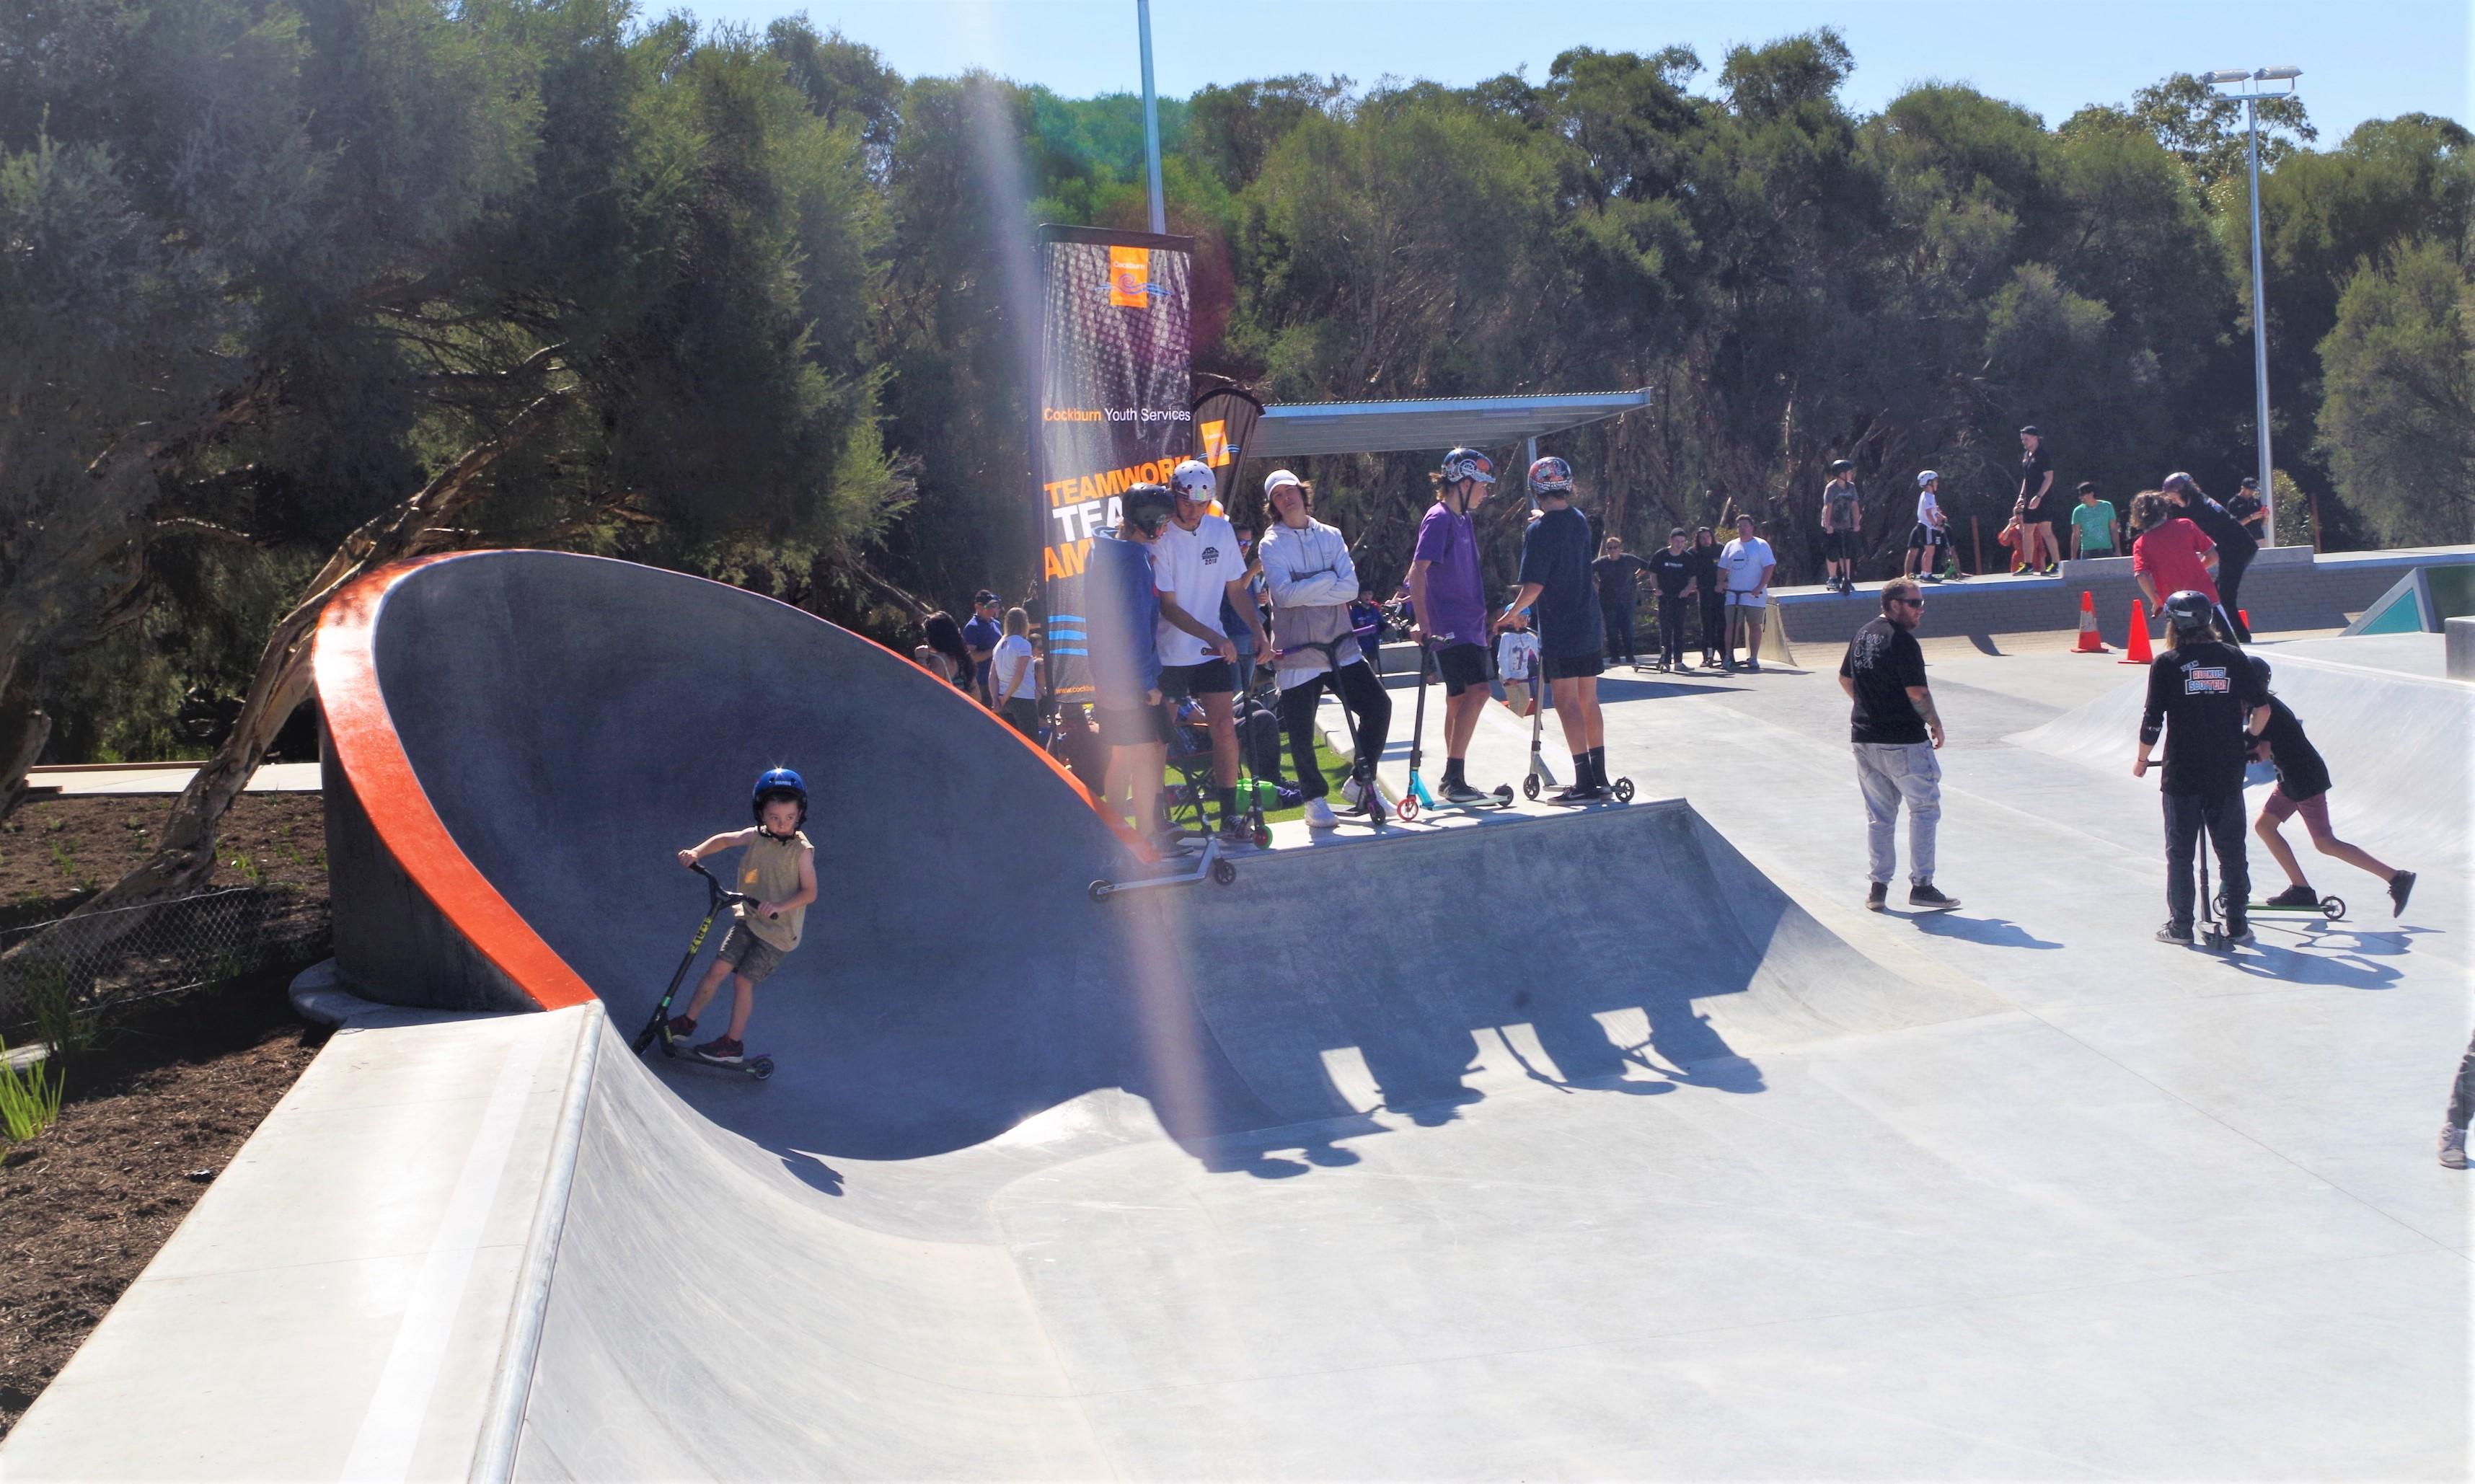 Bibra Lake Skate Park Dish